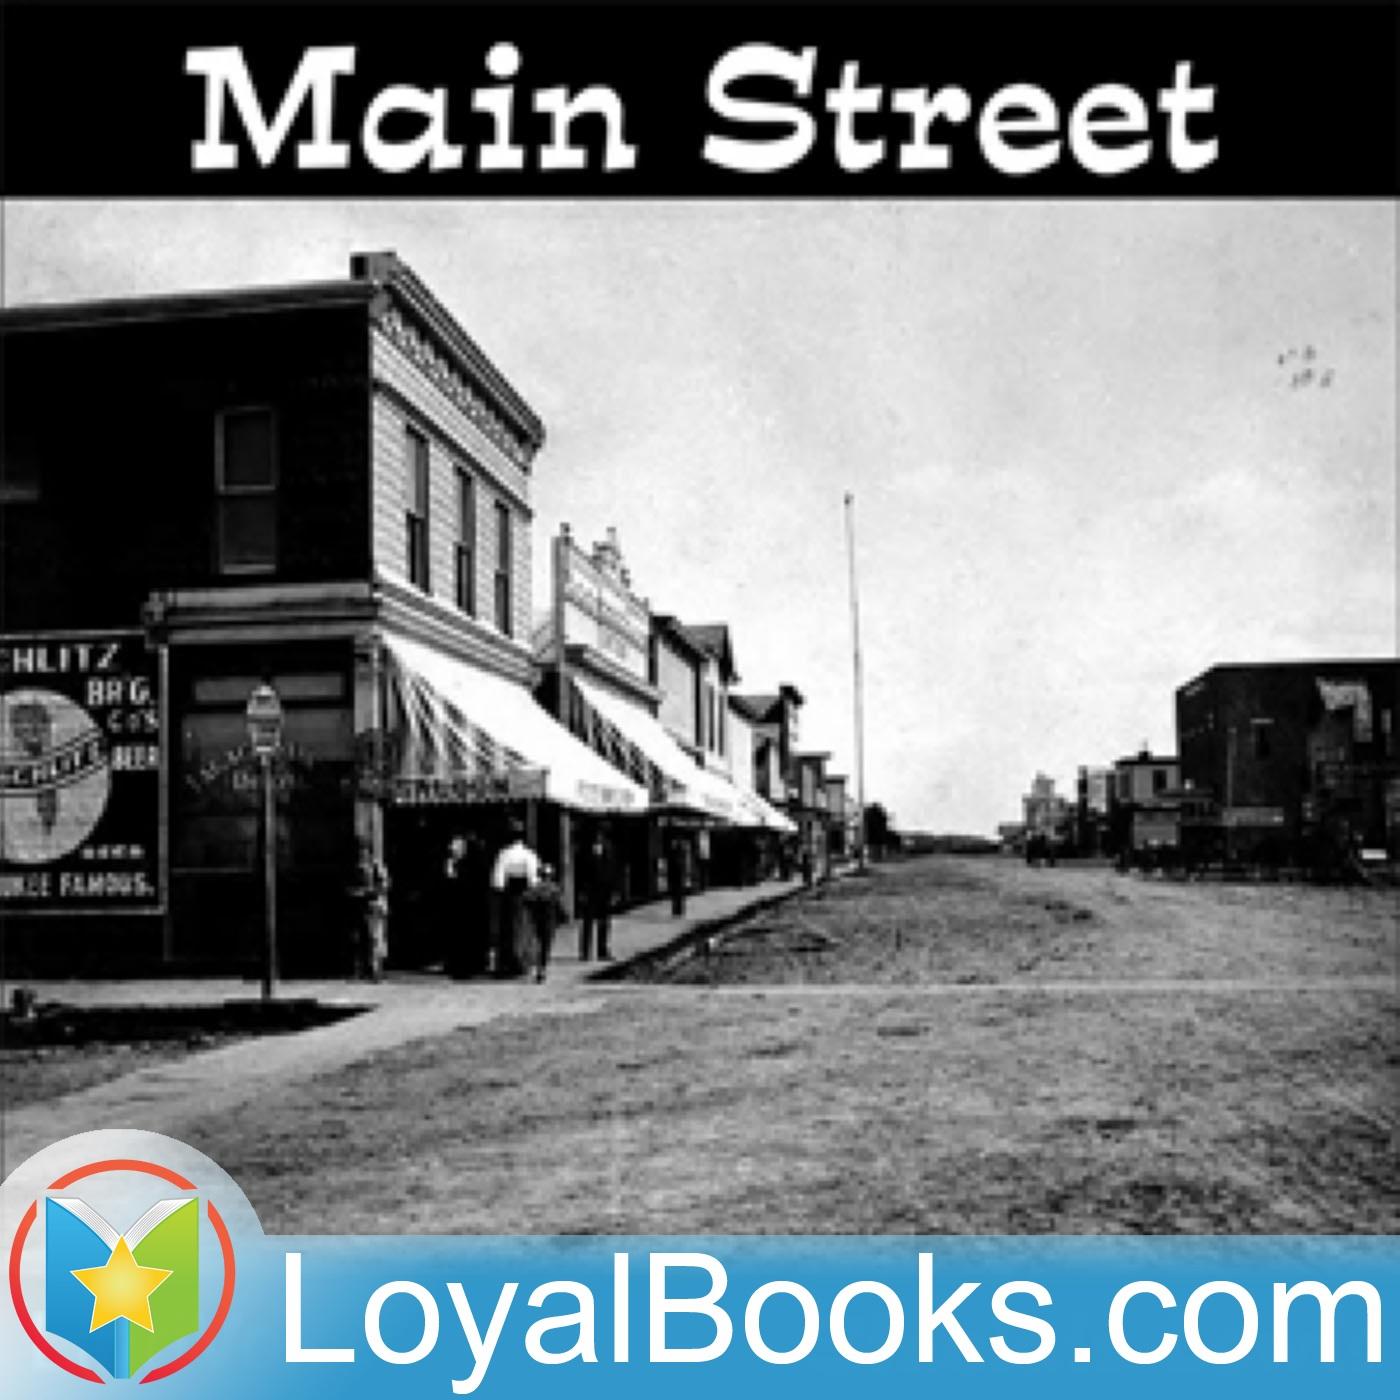 <![CDATA[Main Street by Sinclair Lewis]]>